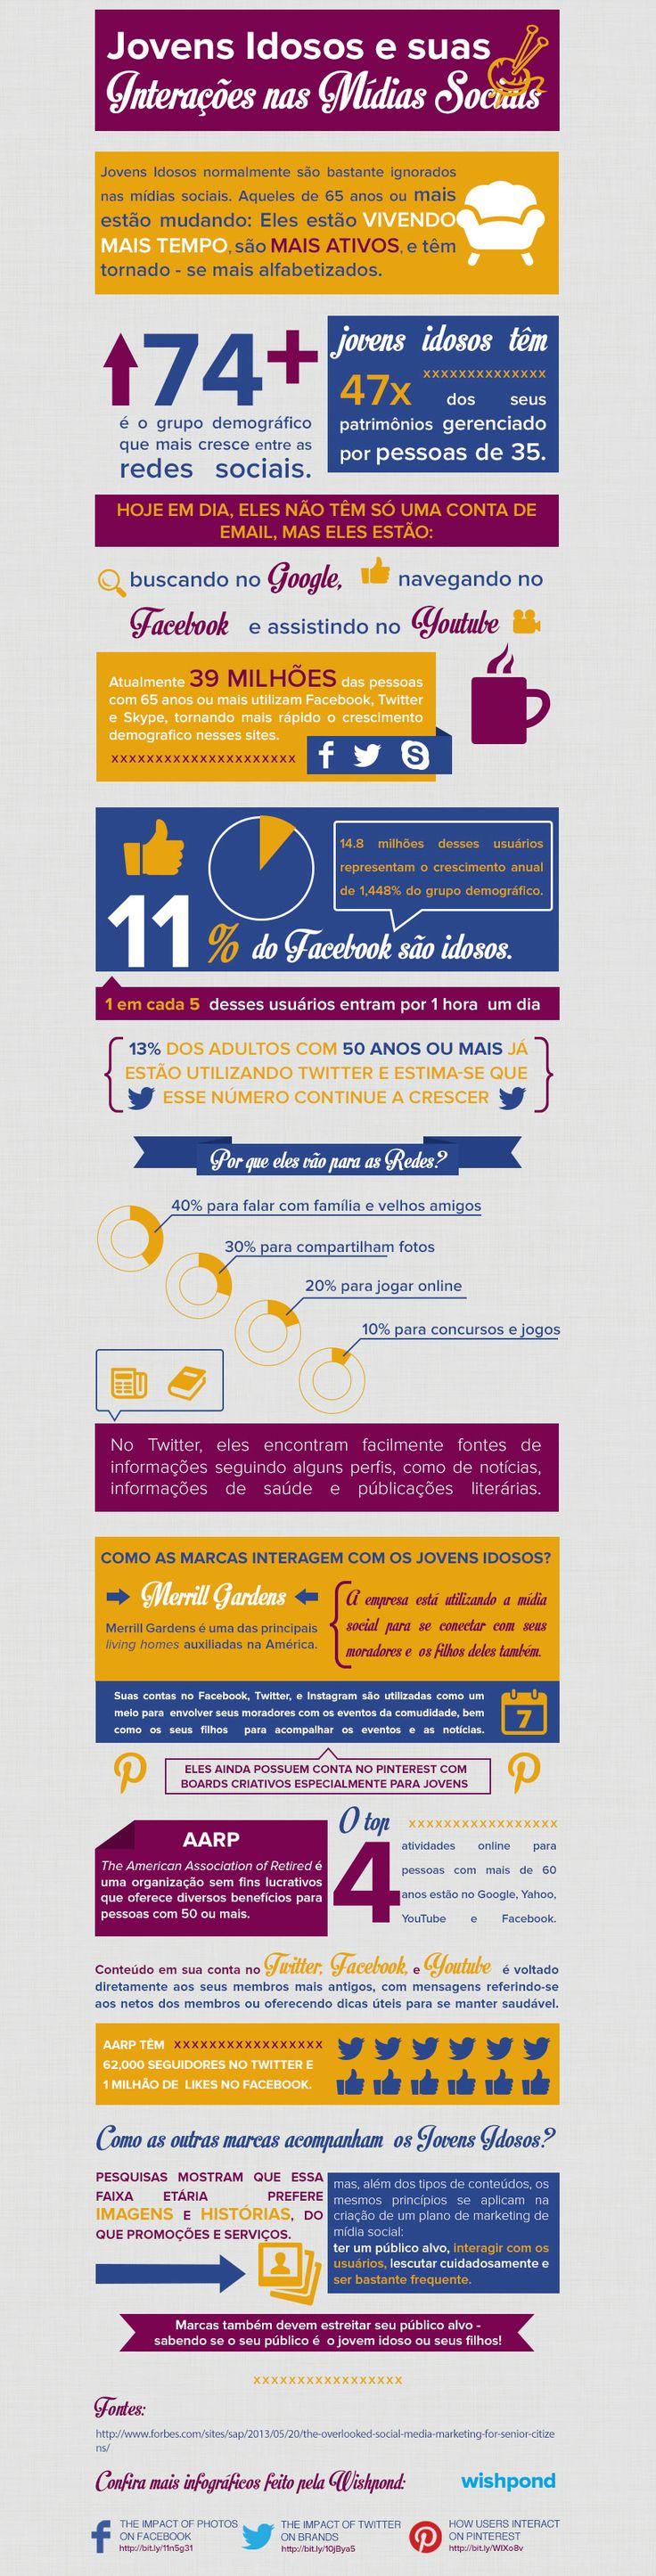 Jovens Idosos e as Redes Sociais!